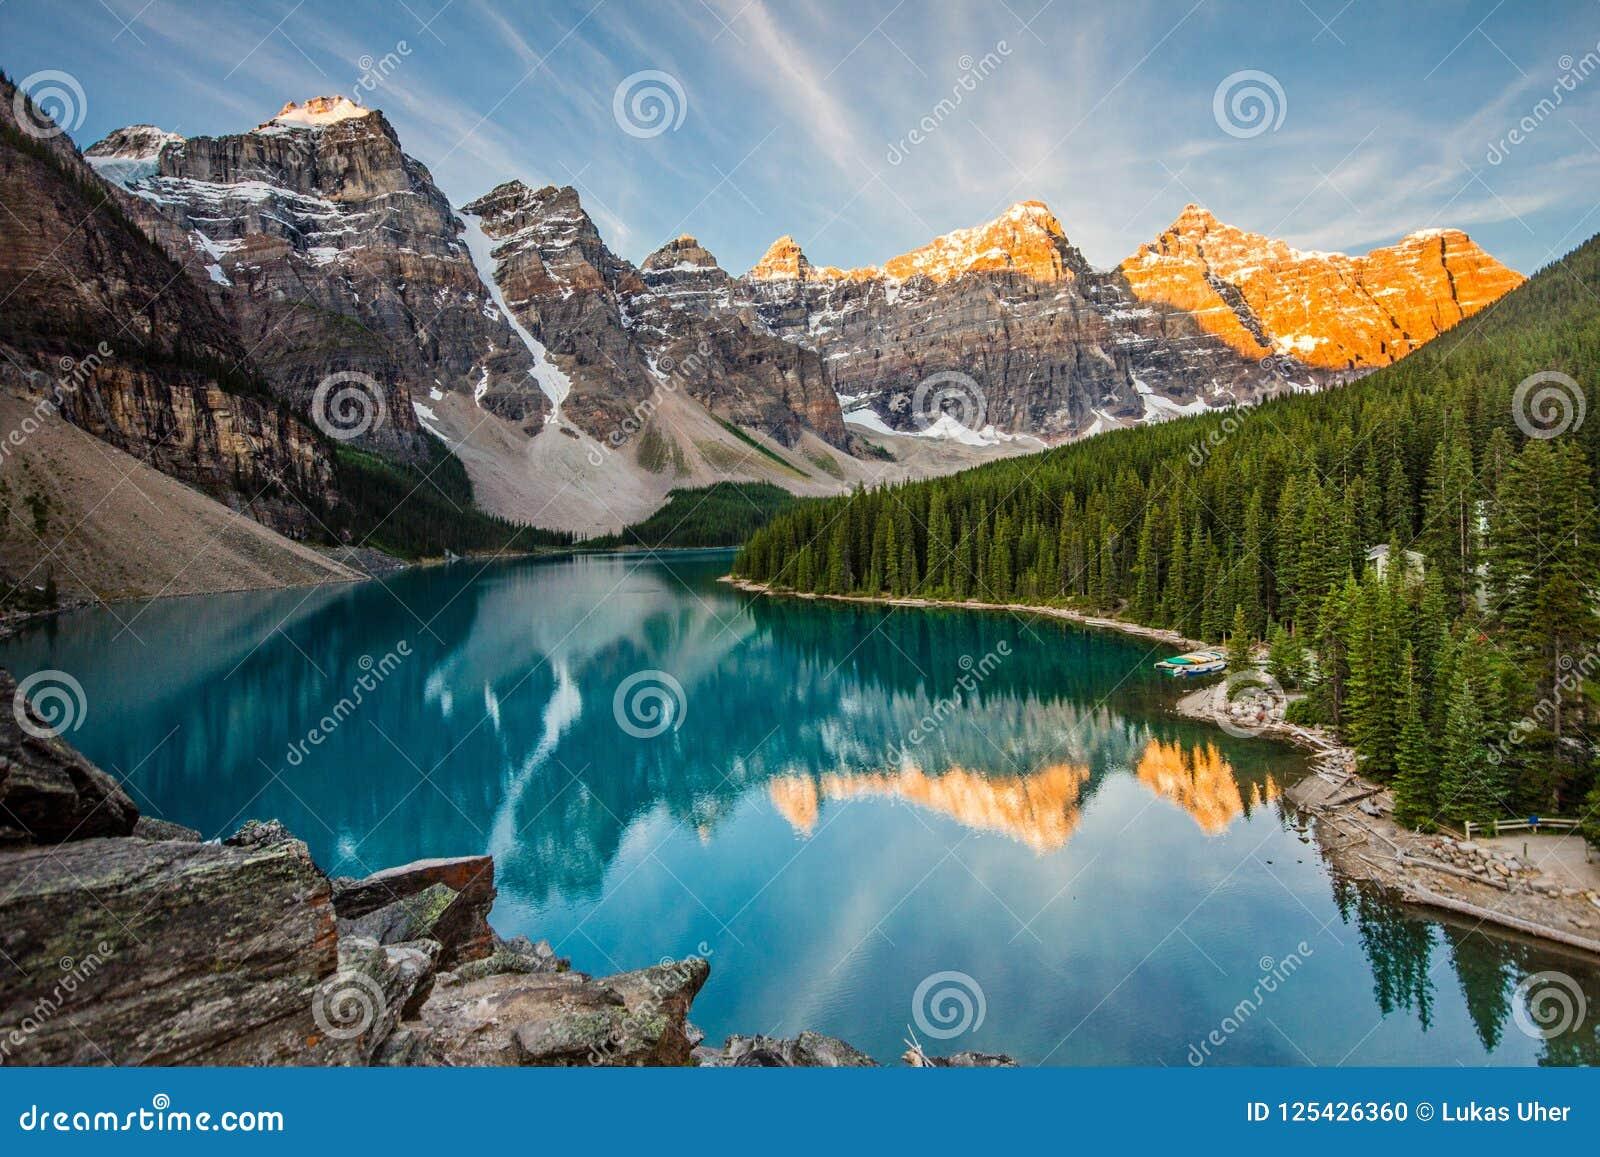 Nascer do sol sobre parque nacional do lago moraine, Banff, Alberta